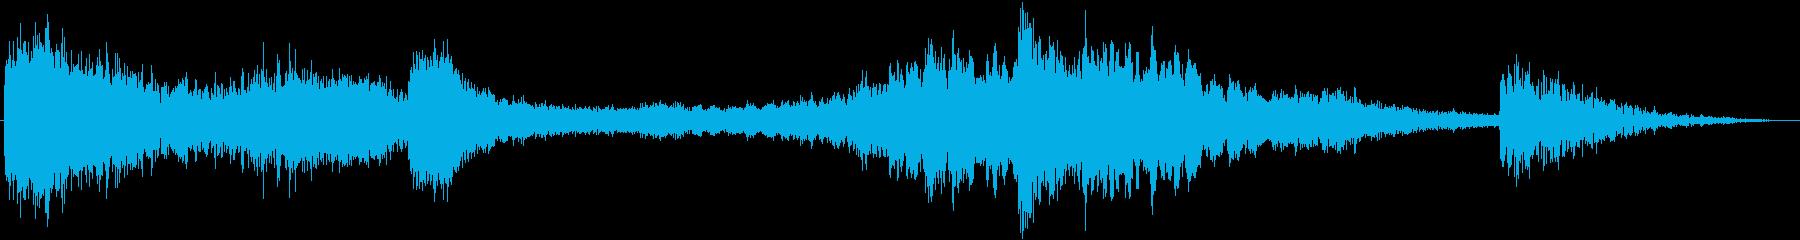 【ホラー】 トレーラー 「気配」の再生済みの波形